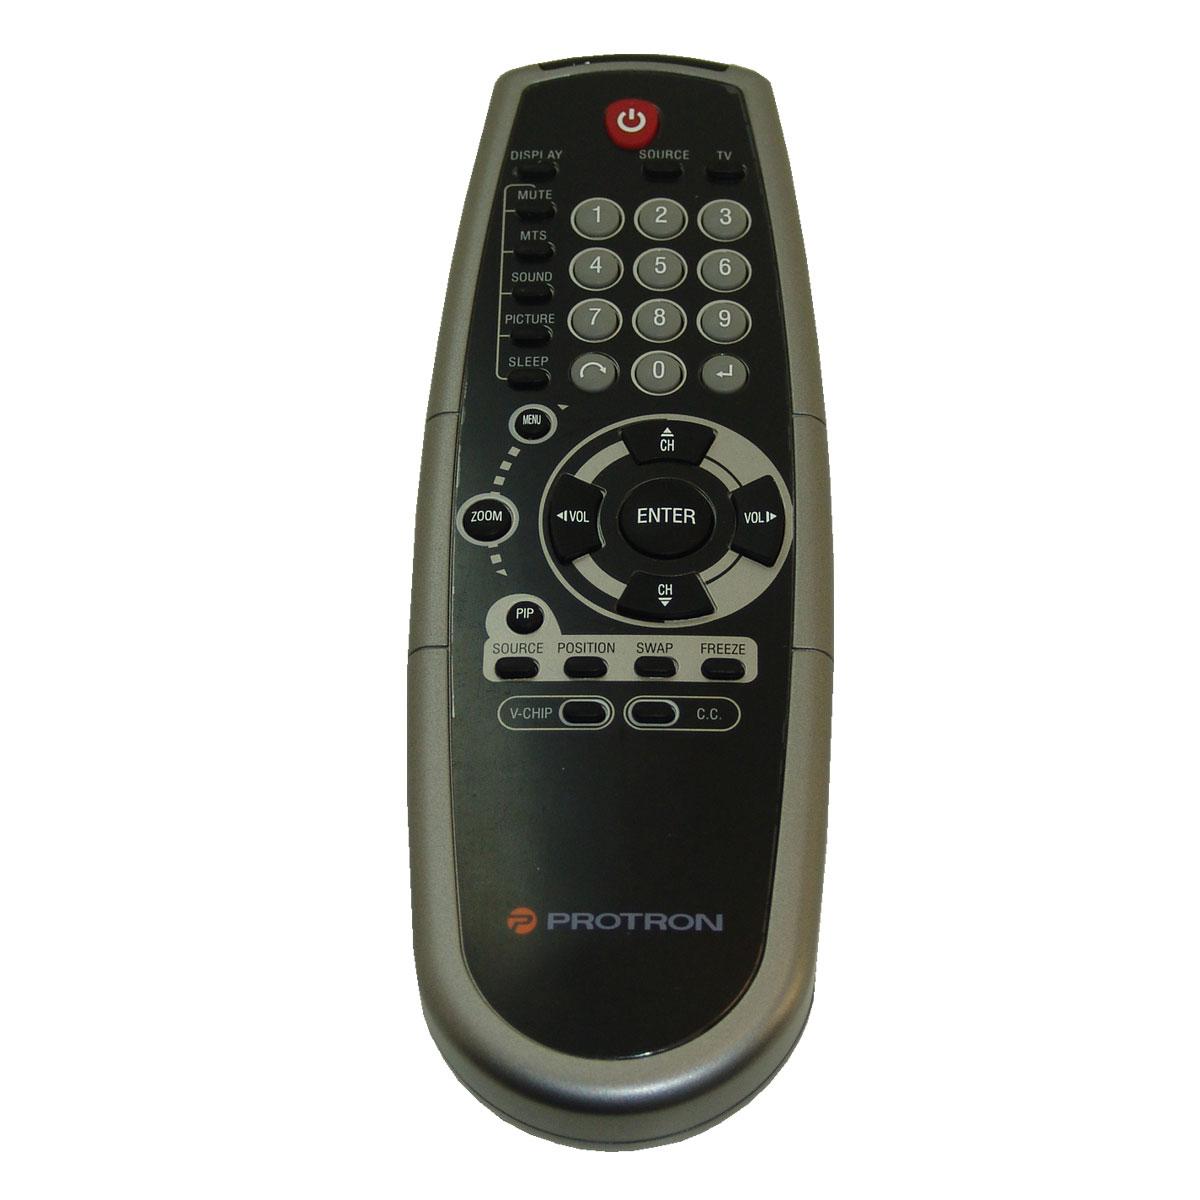 Original Protron Remote Control For Pltv 37 Pltv37 Tv